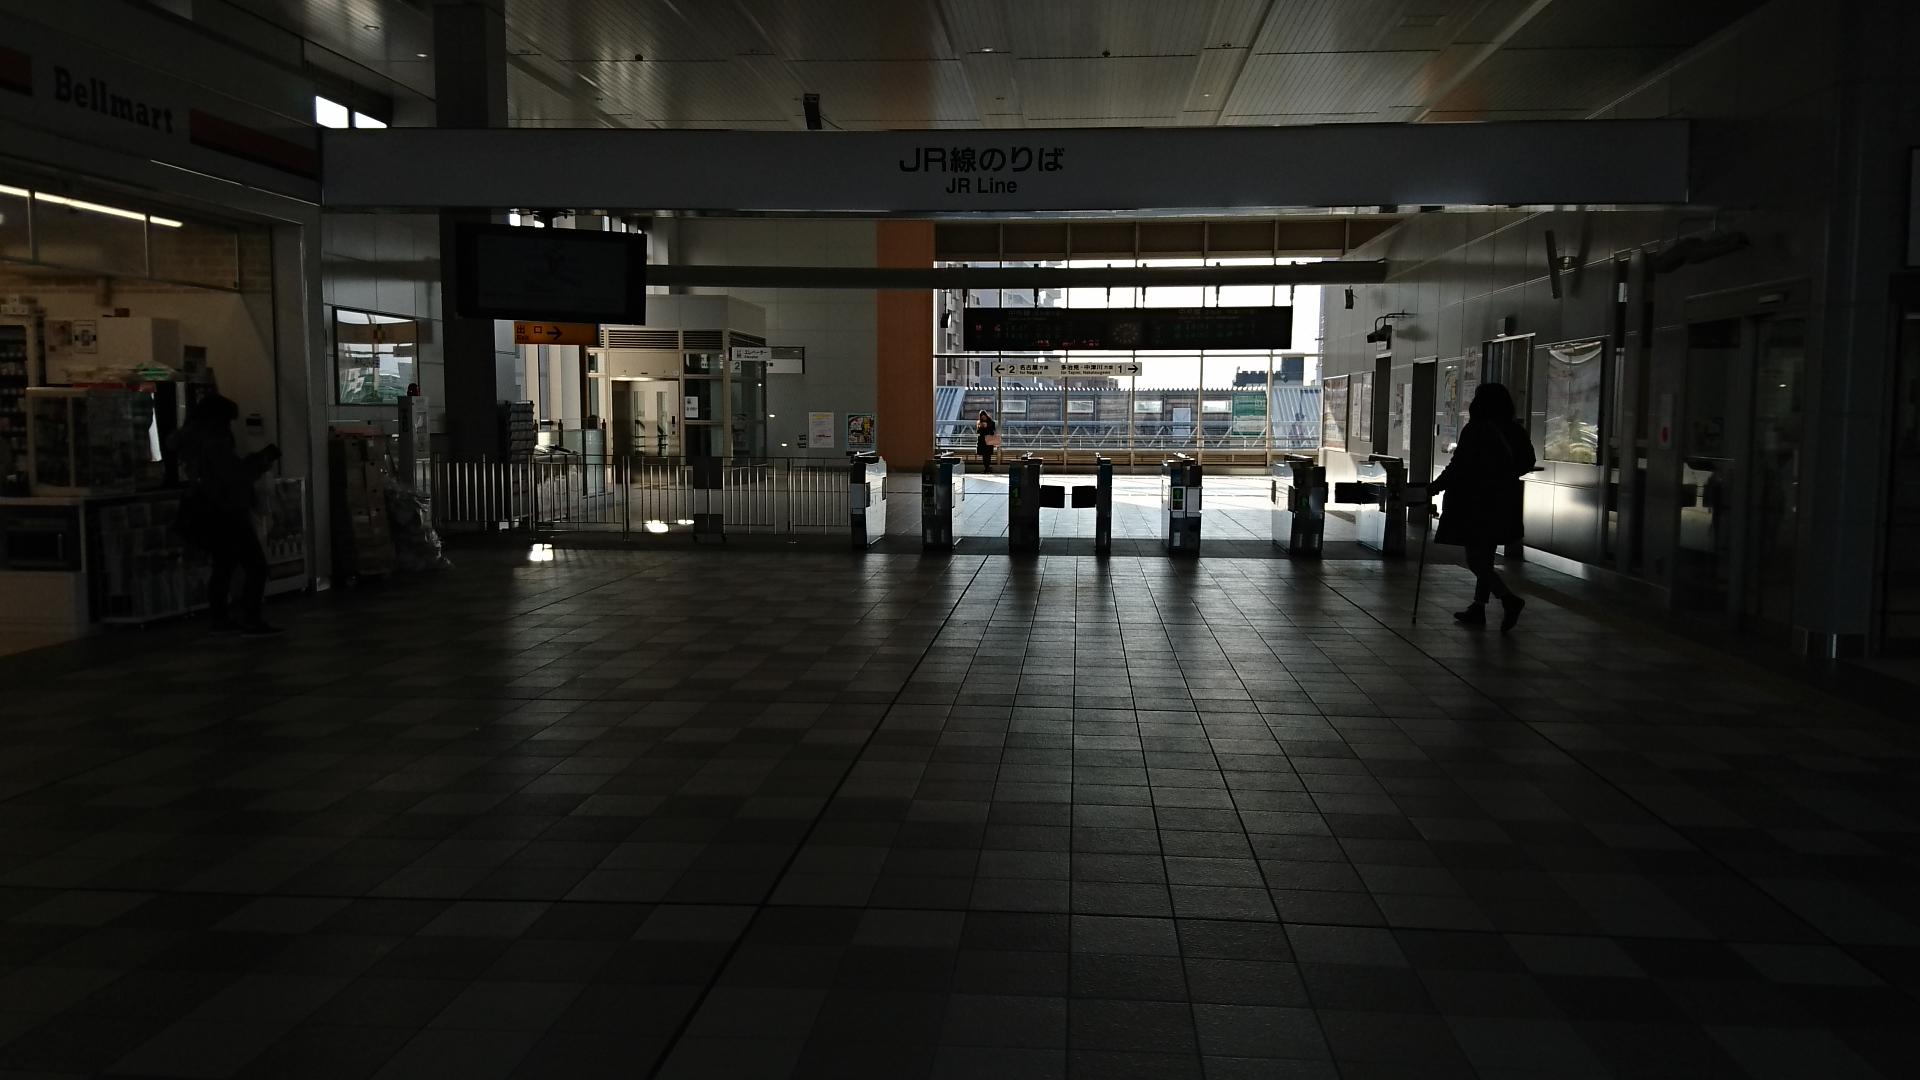 2016.12.14 春日井 (8) かいさつ(にしむき)1920-1080